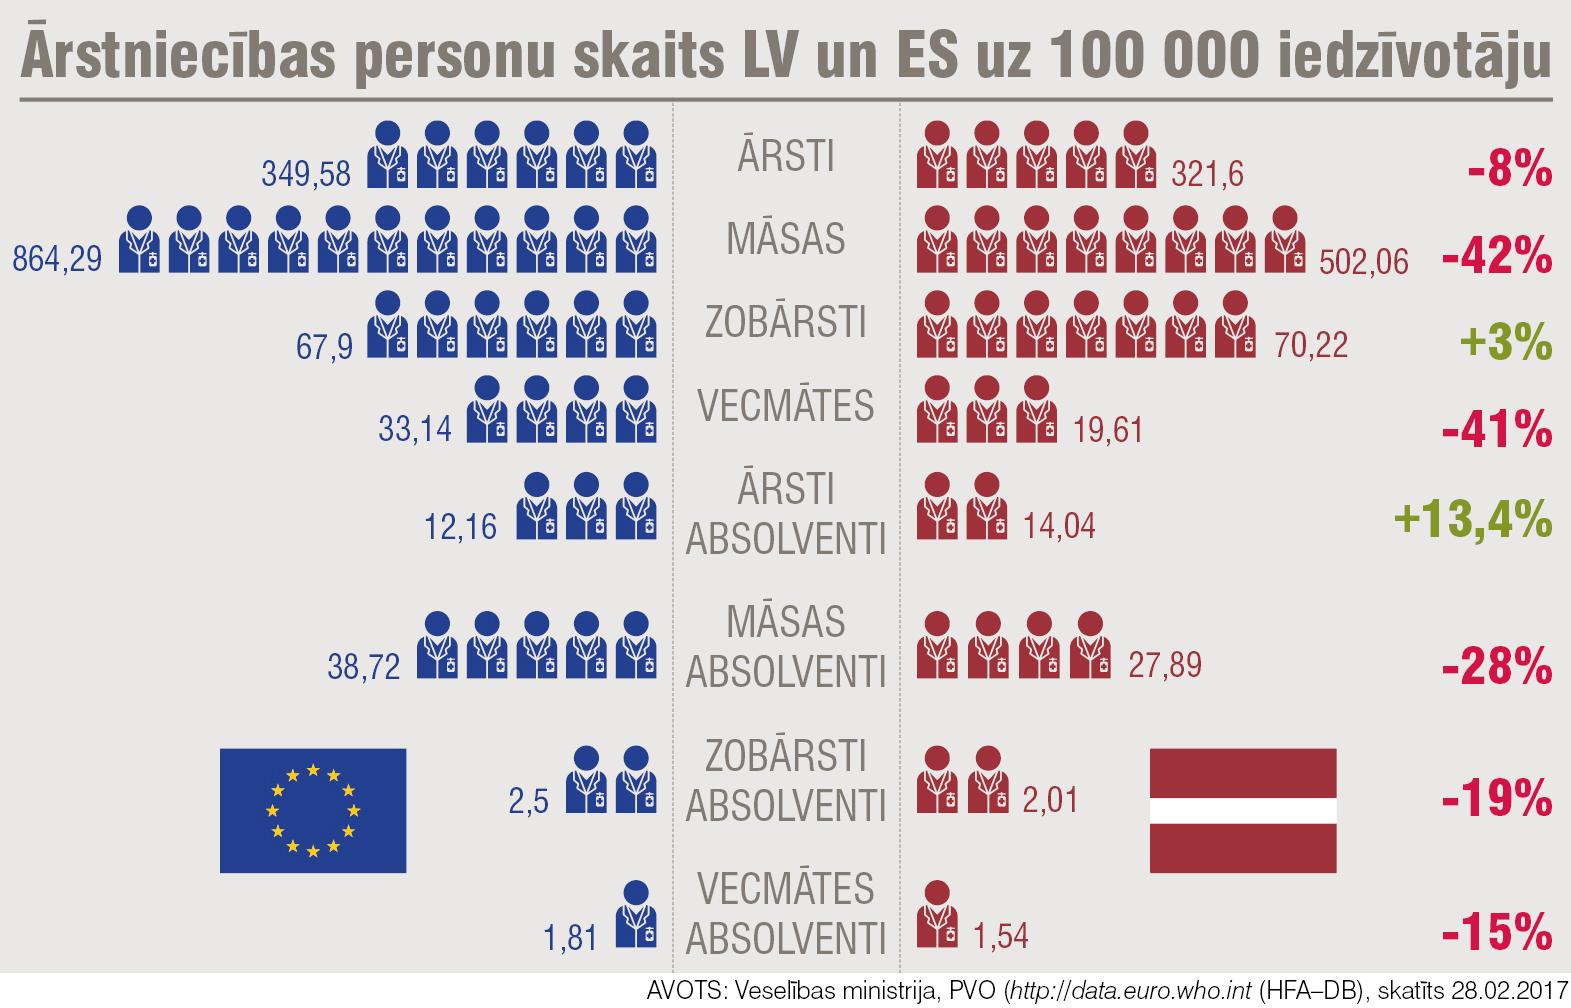 Ārstniecības personu skaits LV un ES uz 100 000 iedzīvotāju